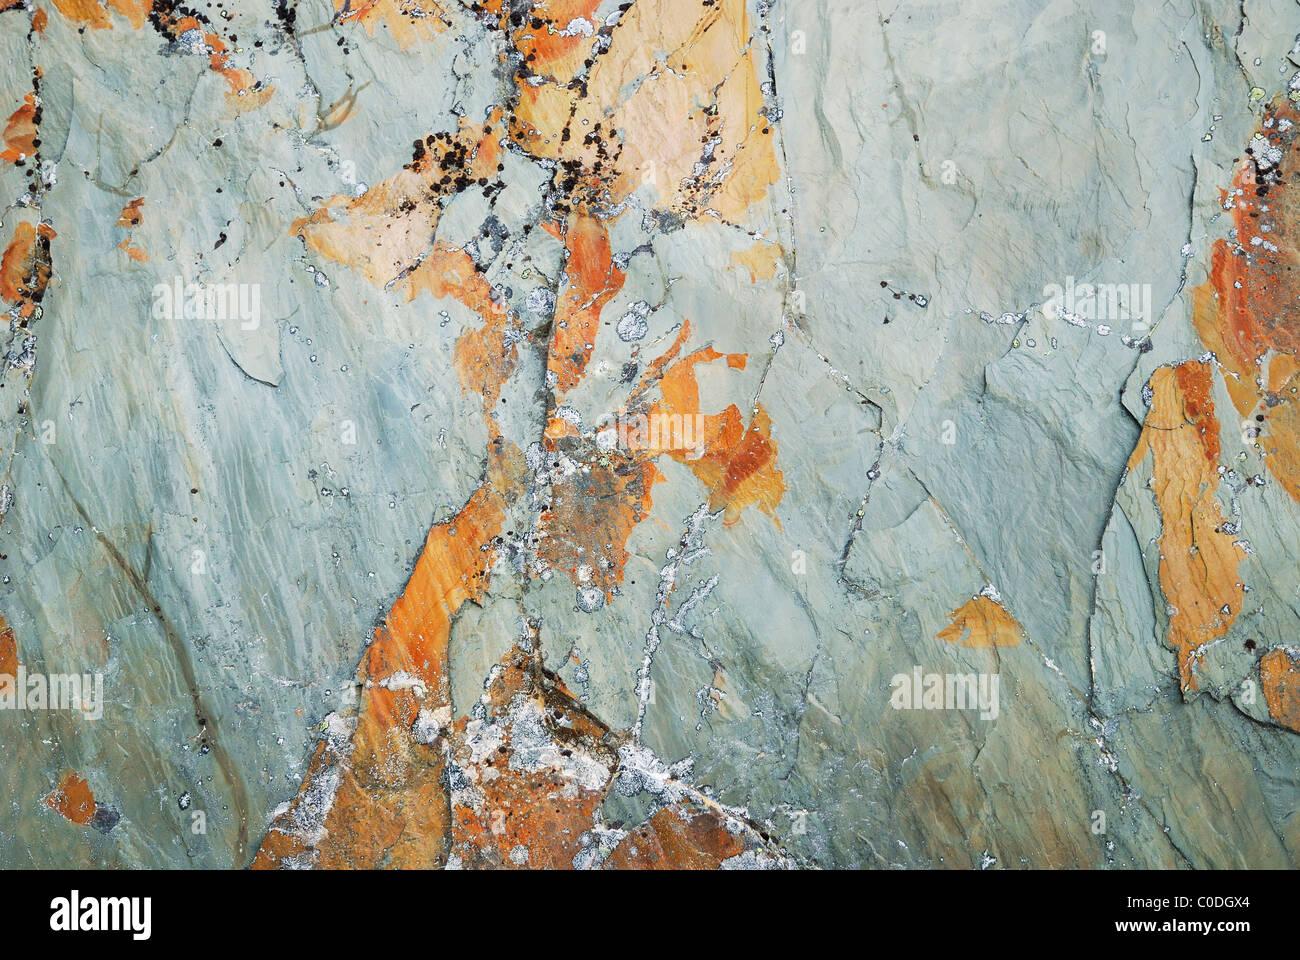 Plus de détails et de surface non traitée en vert. Photo Stock